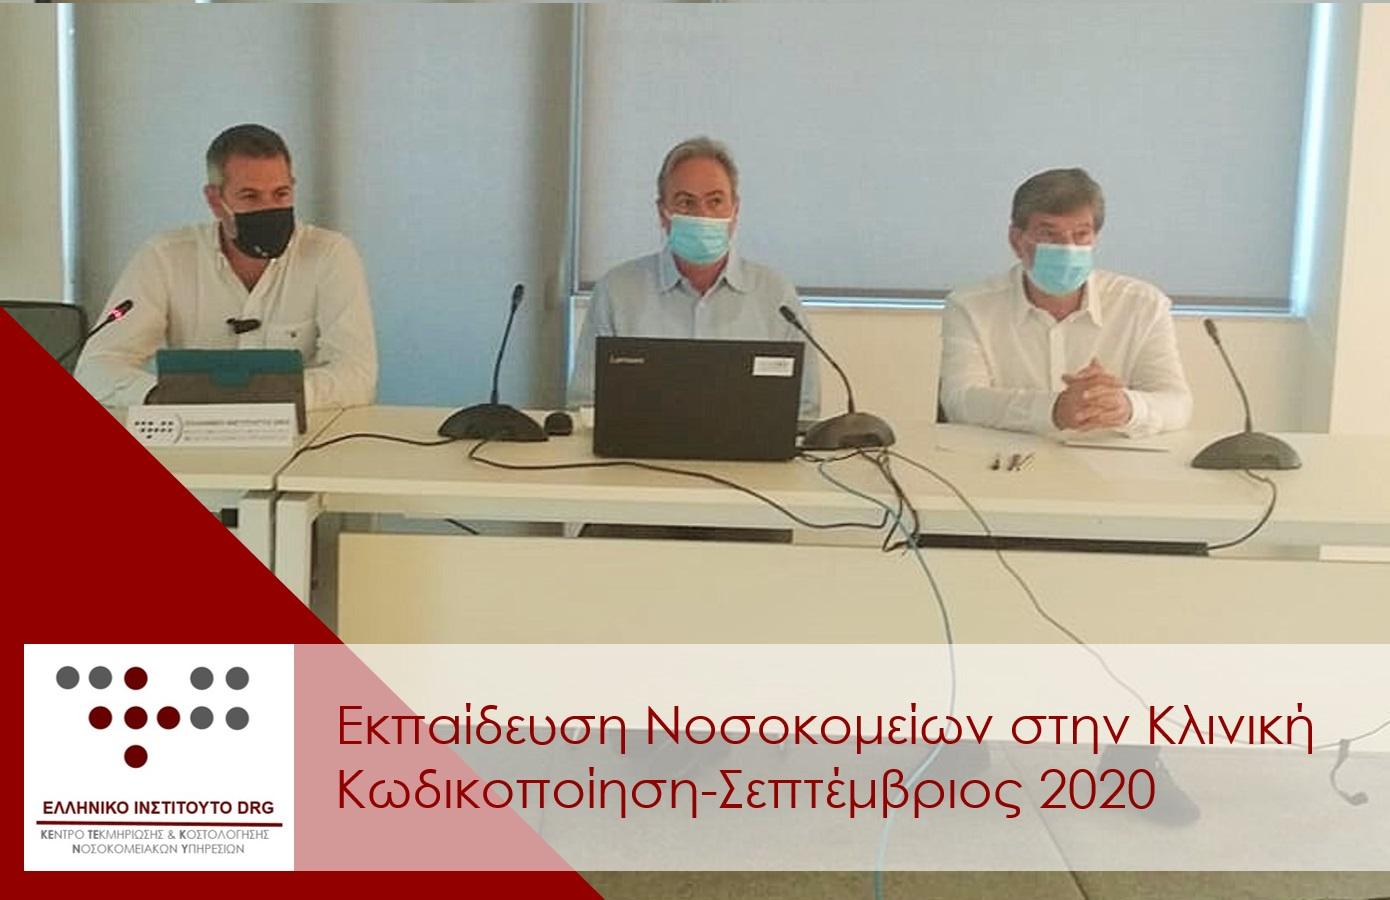 """Υλοποίηση ολοκληρωμένων προγραμμάτων εκπαίδευσης στην Κλινική Κωδικοποίηση βάσει του μοντέλου """"Train the Trainers"""" για τα ελληνικά νοσοκομεία"""